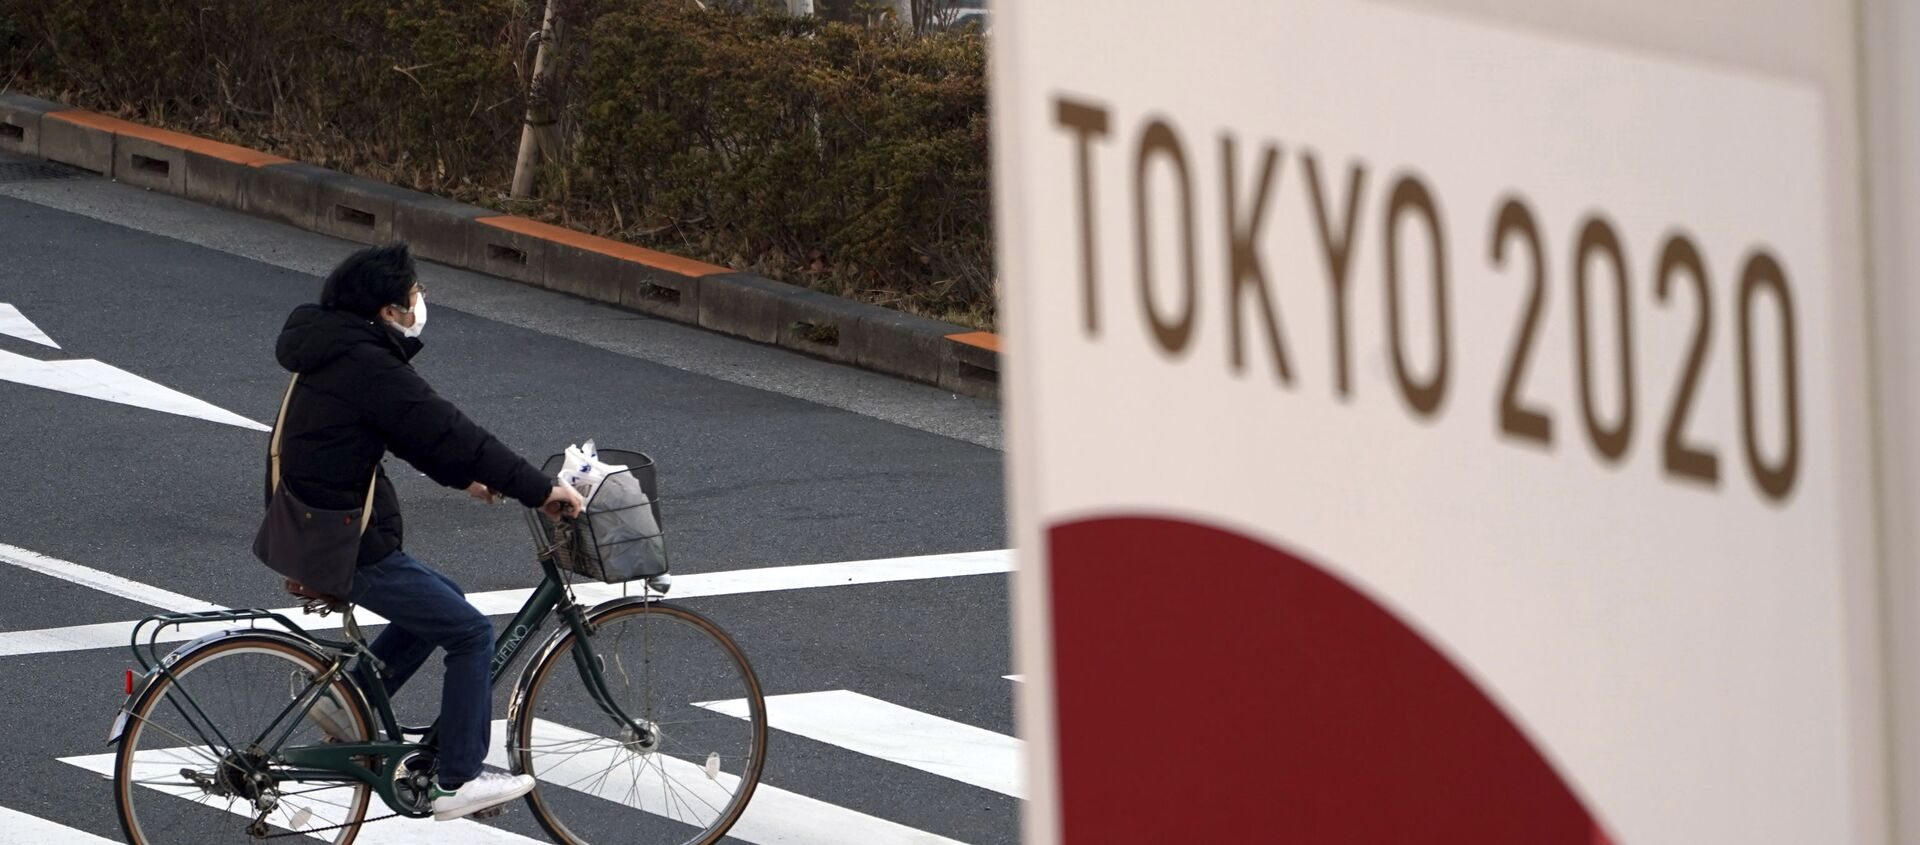 Một người đi xe đạp đeo khẩu trang bảo vệ trên nền biểu ngữ Thế vận hội Tokyo 2020 - Sputnik Việt Nam, 1920, 21.07.2021